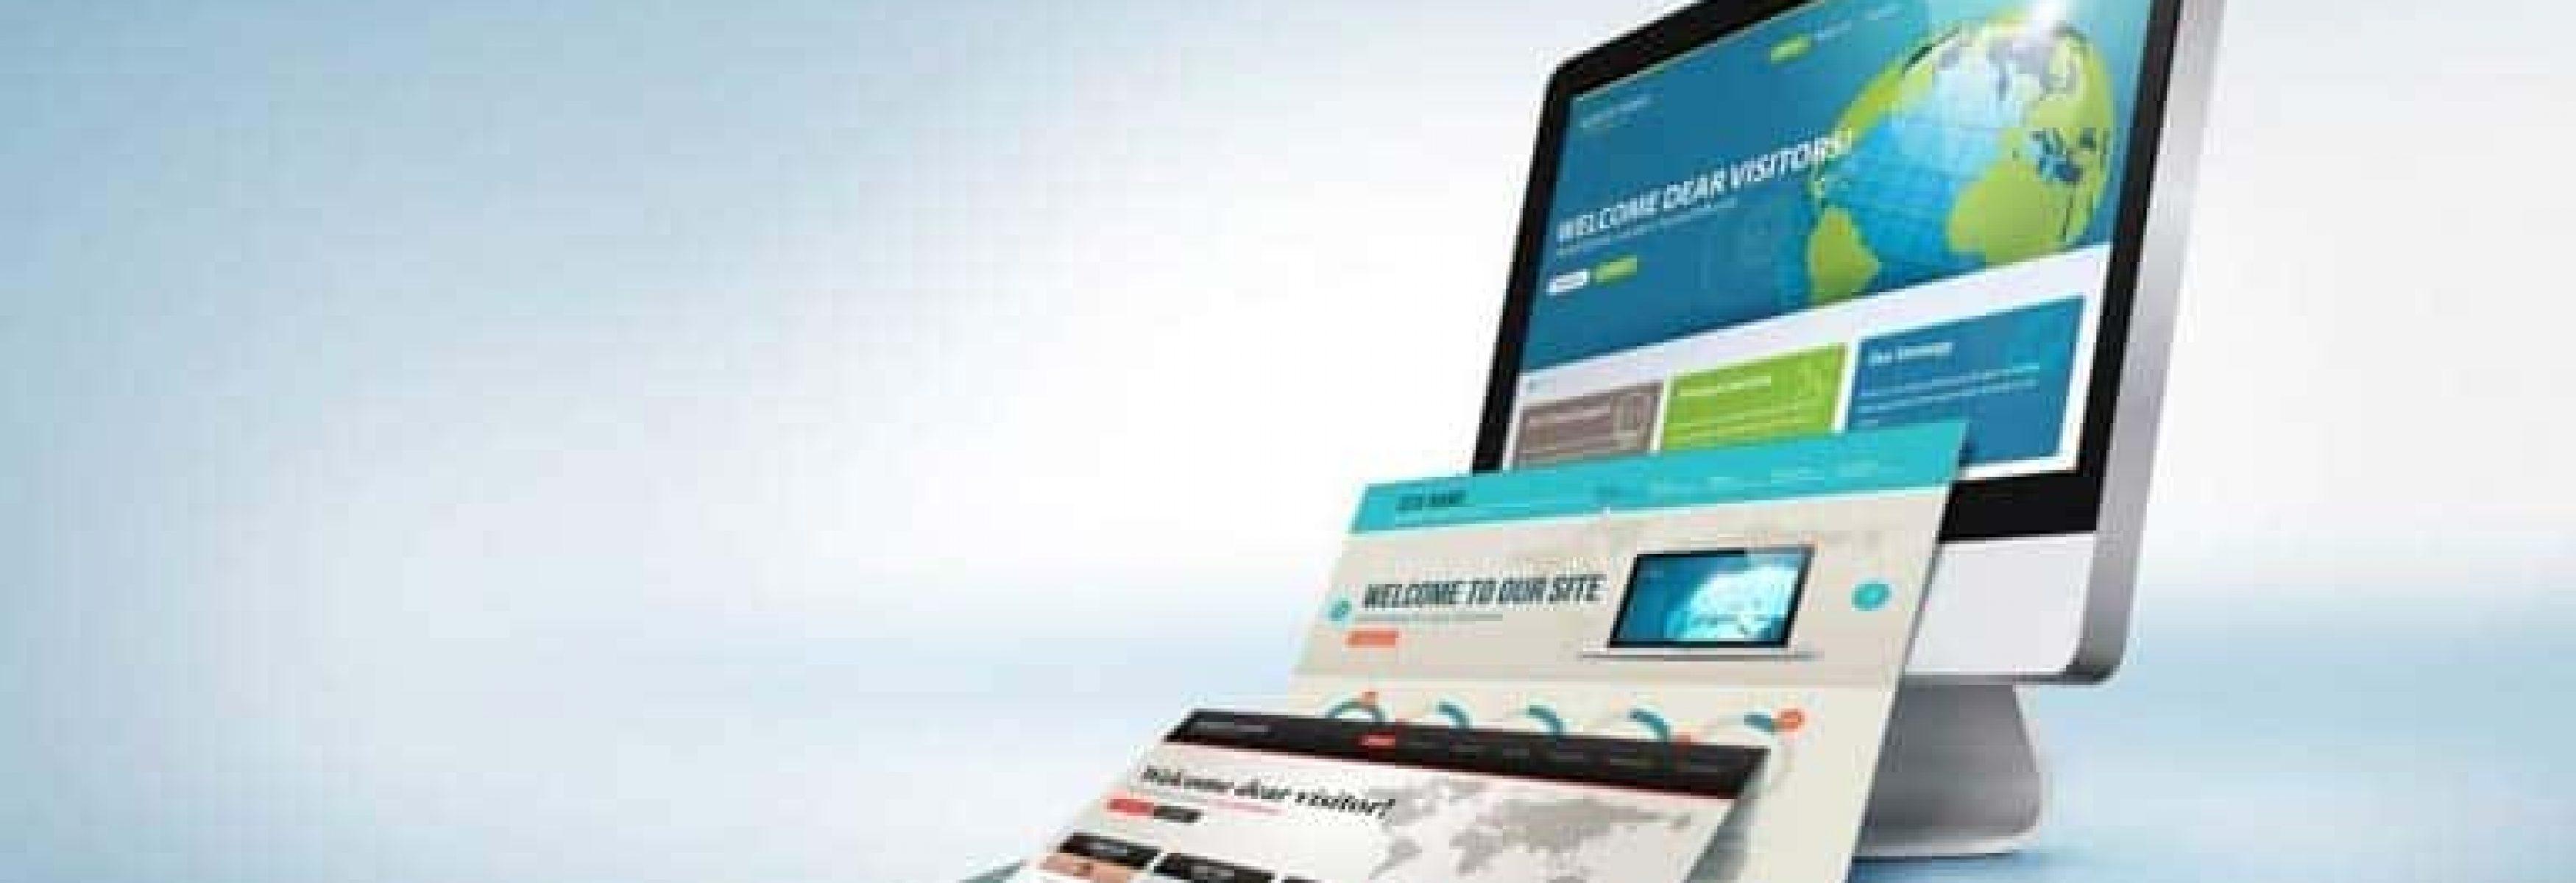 bigstock-Web-design-concept-40488619-1024x676_web